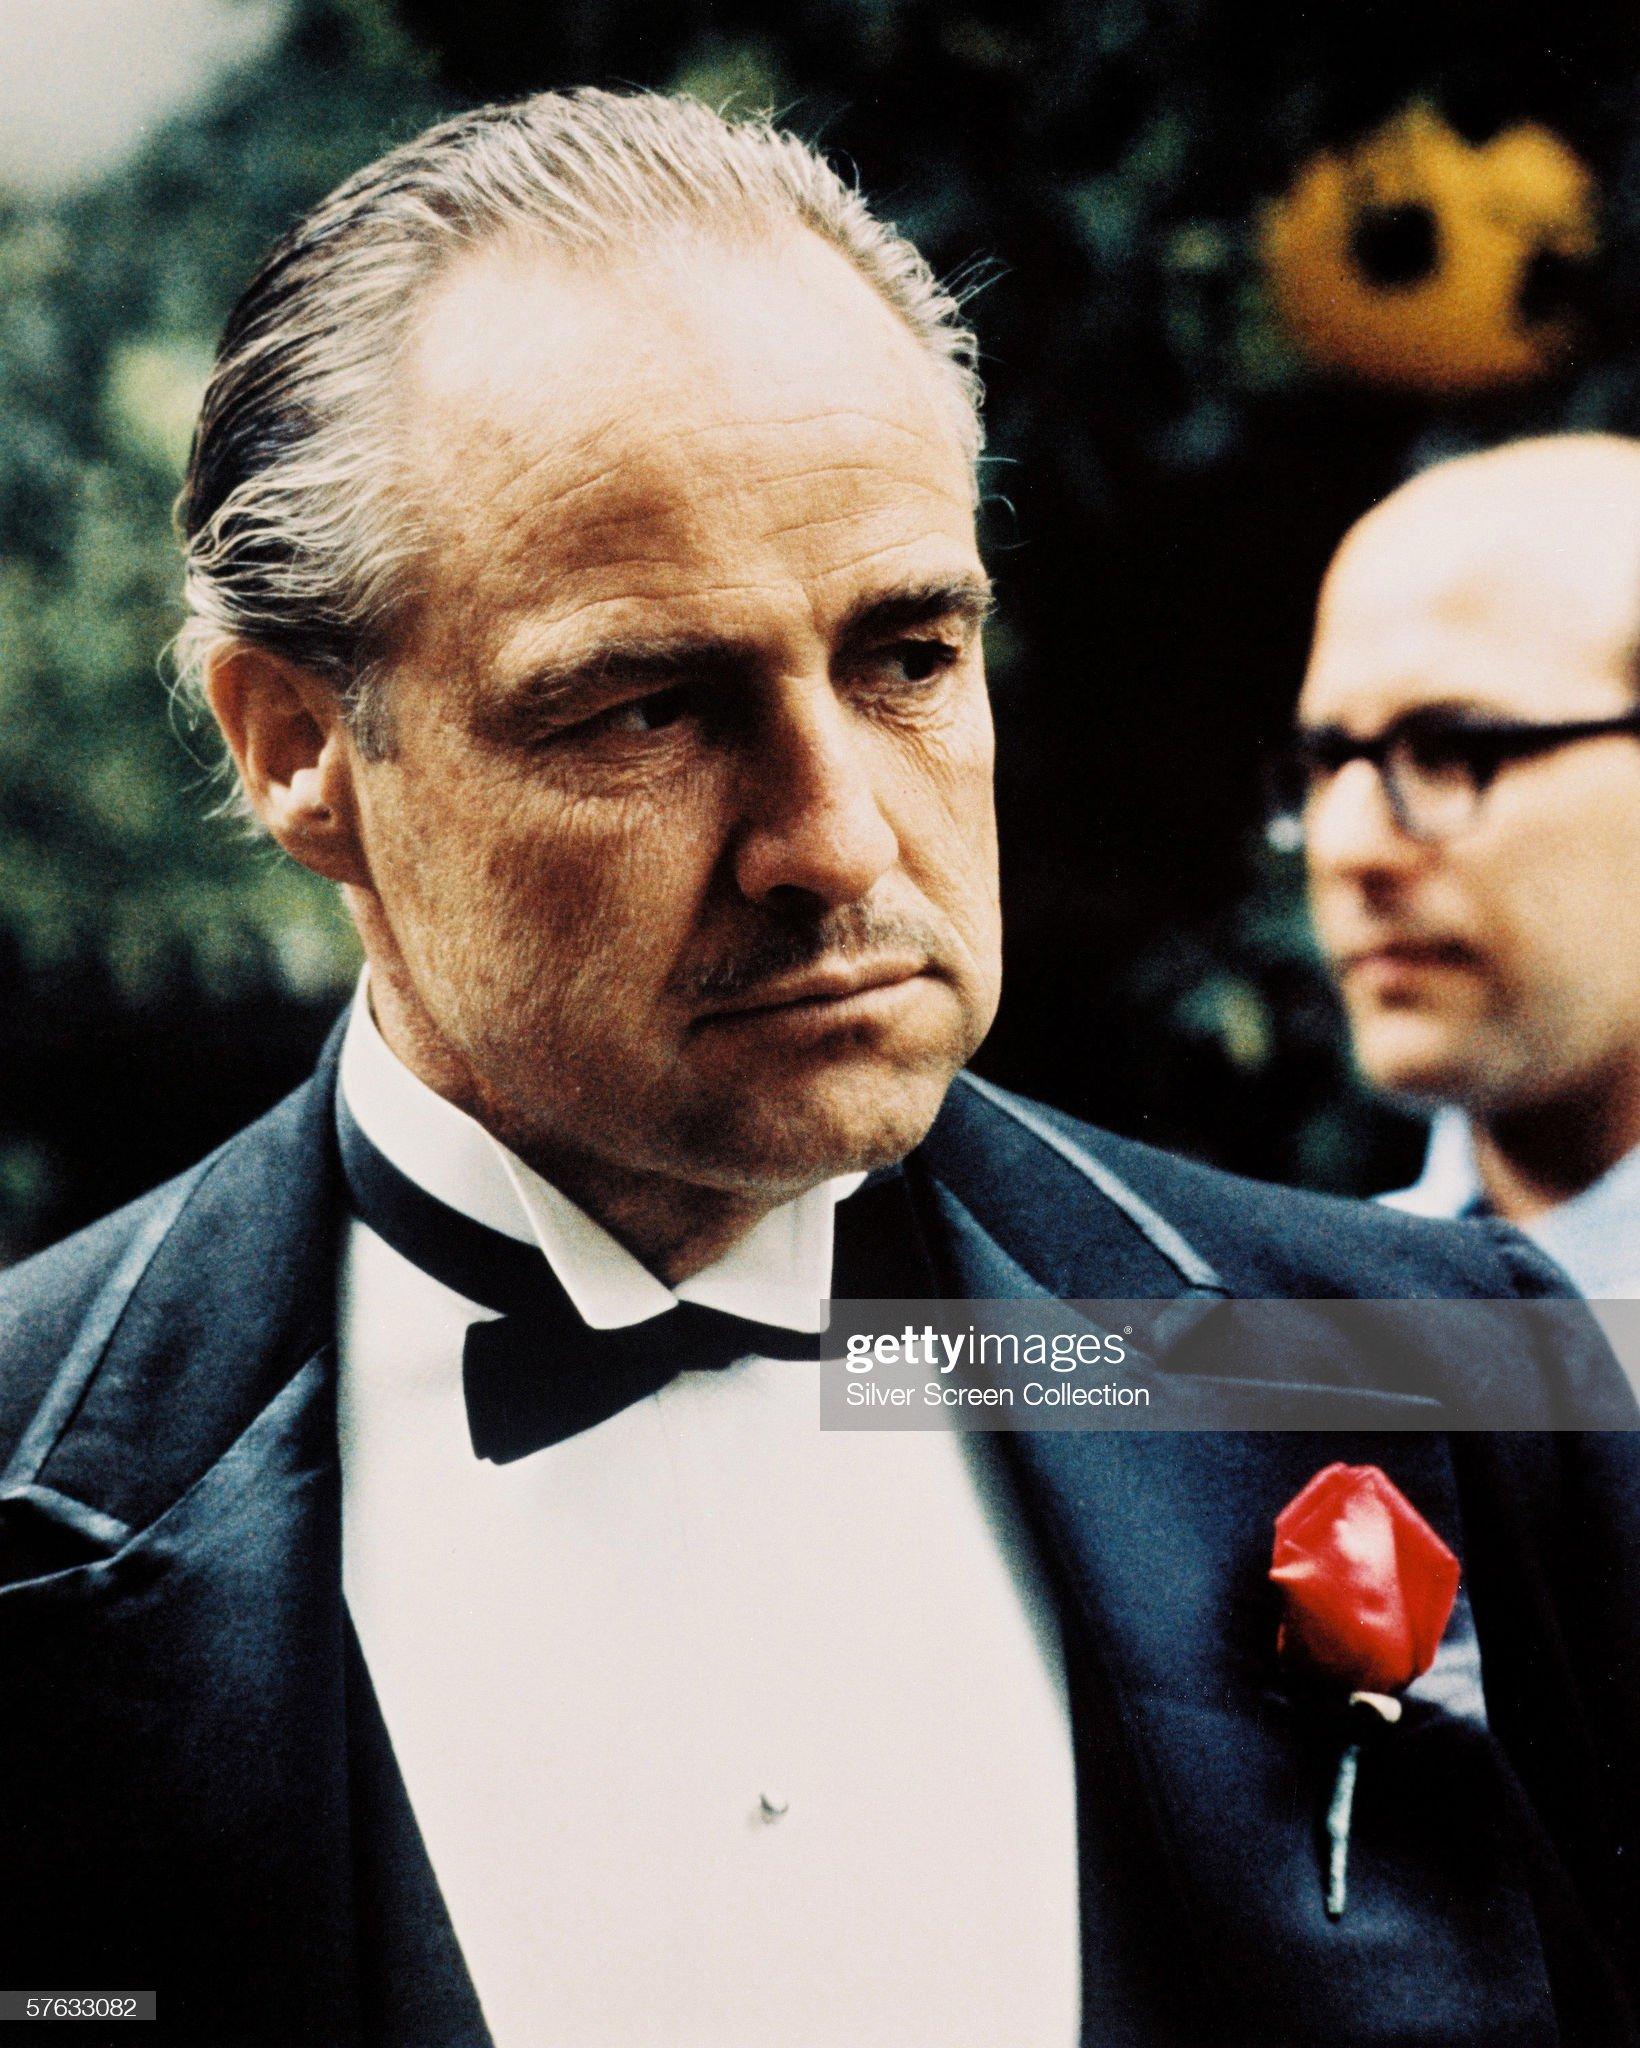 Kata kata Don Vito Corleone